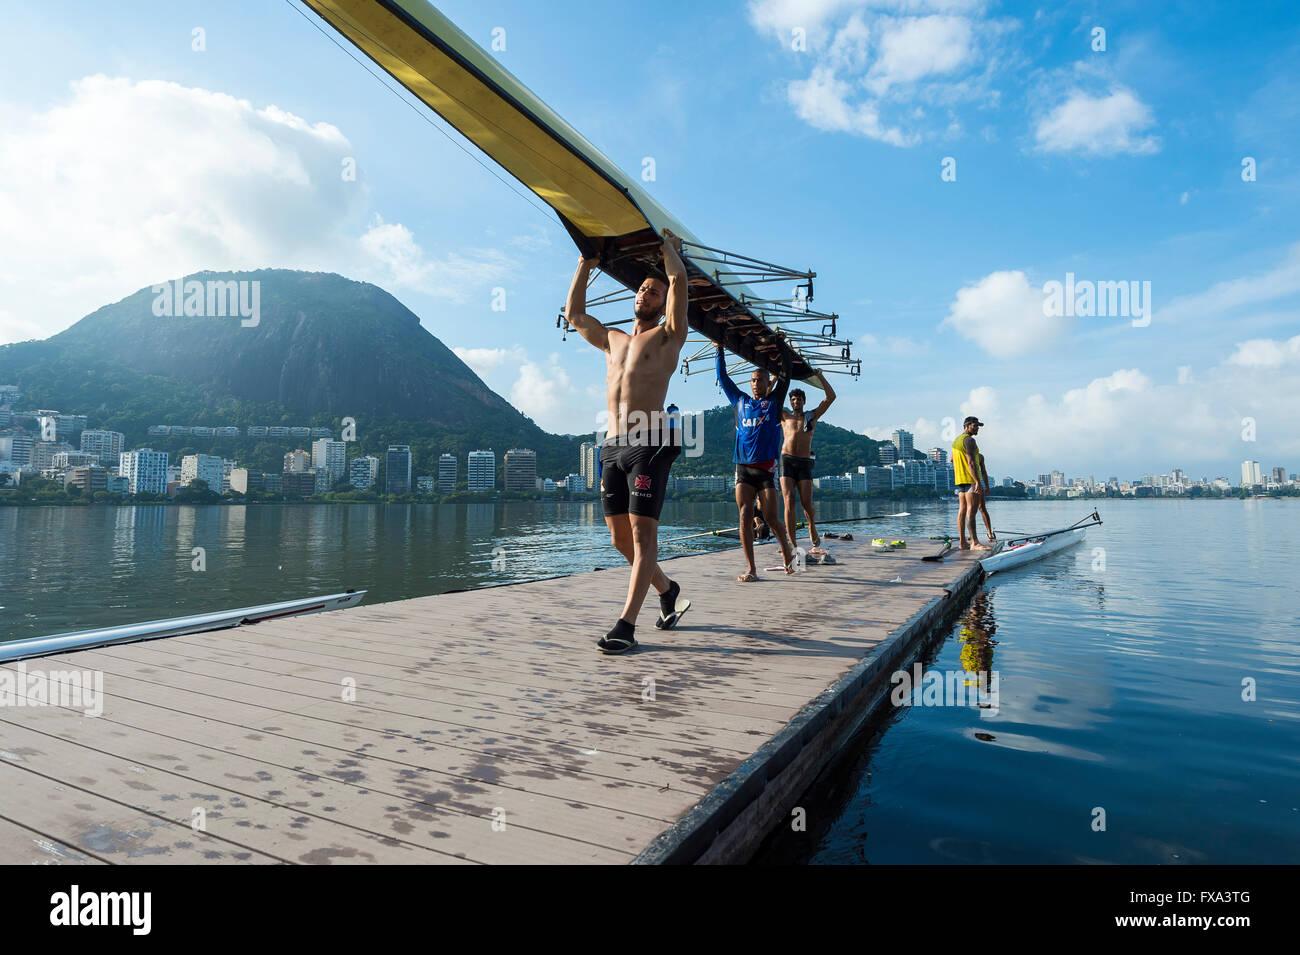 RIO DE JANEIRO - Aprile 1, 2016: Membri del Vasco da Gama rowing club portano la loro barca torna alla clubhouse Immagini Stock